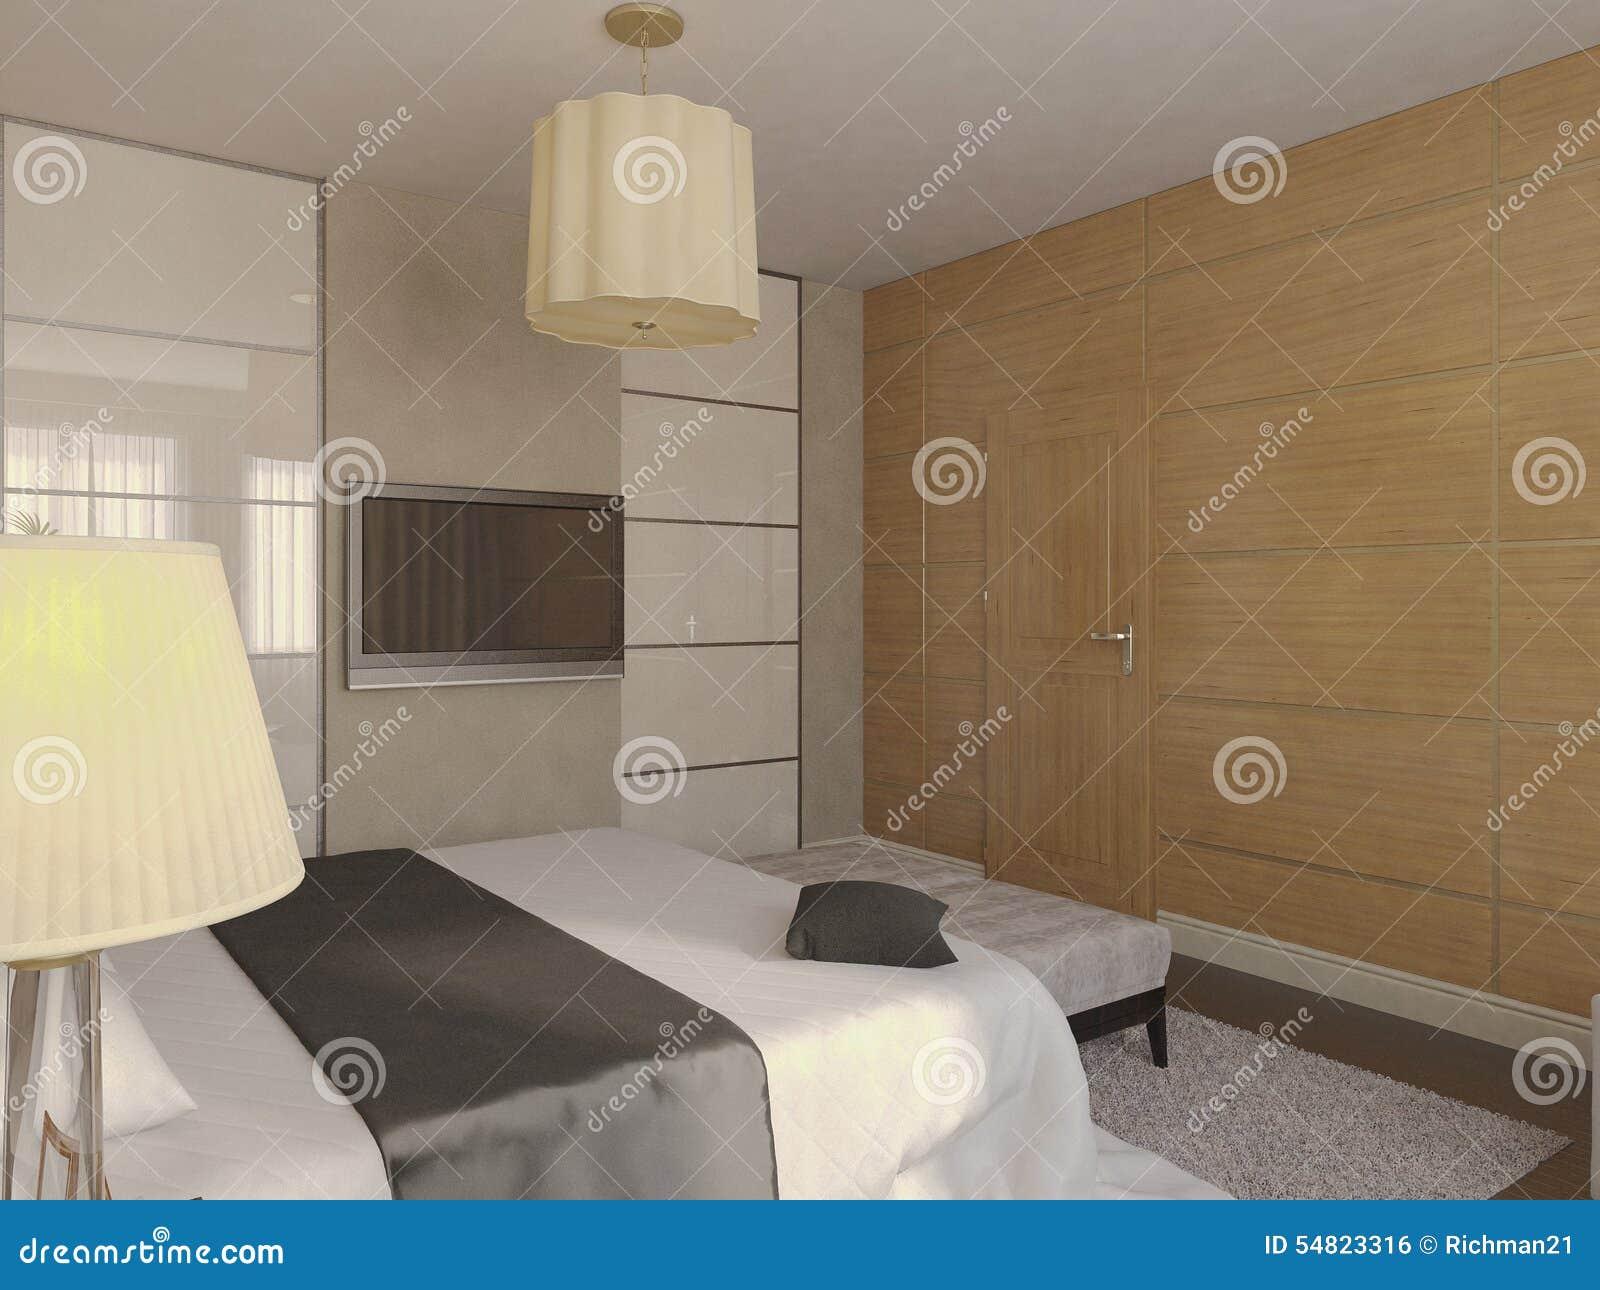 ejemplo 3d del diseño de un cuarto de baño en color marrón y beige